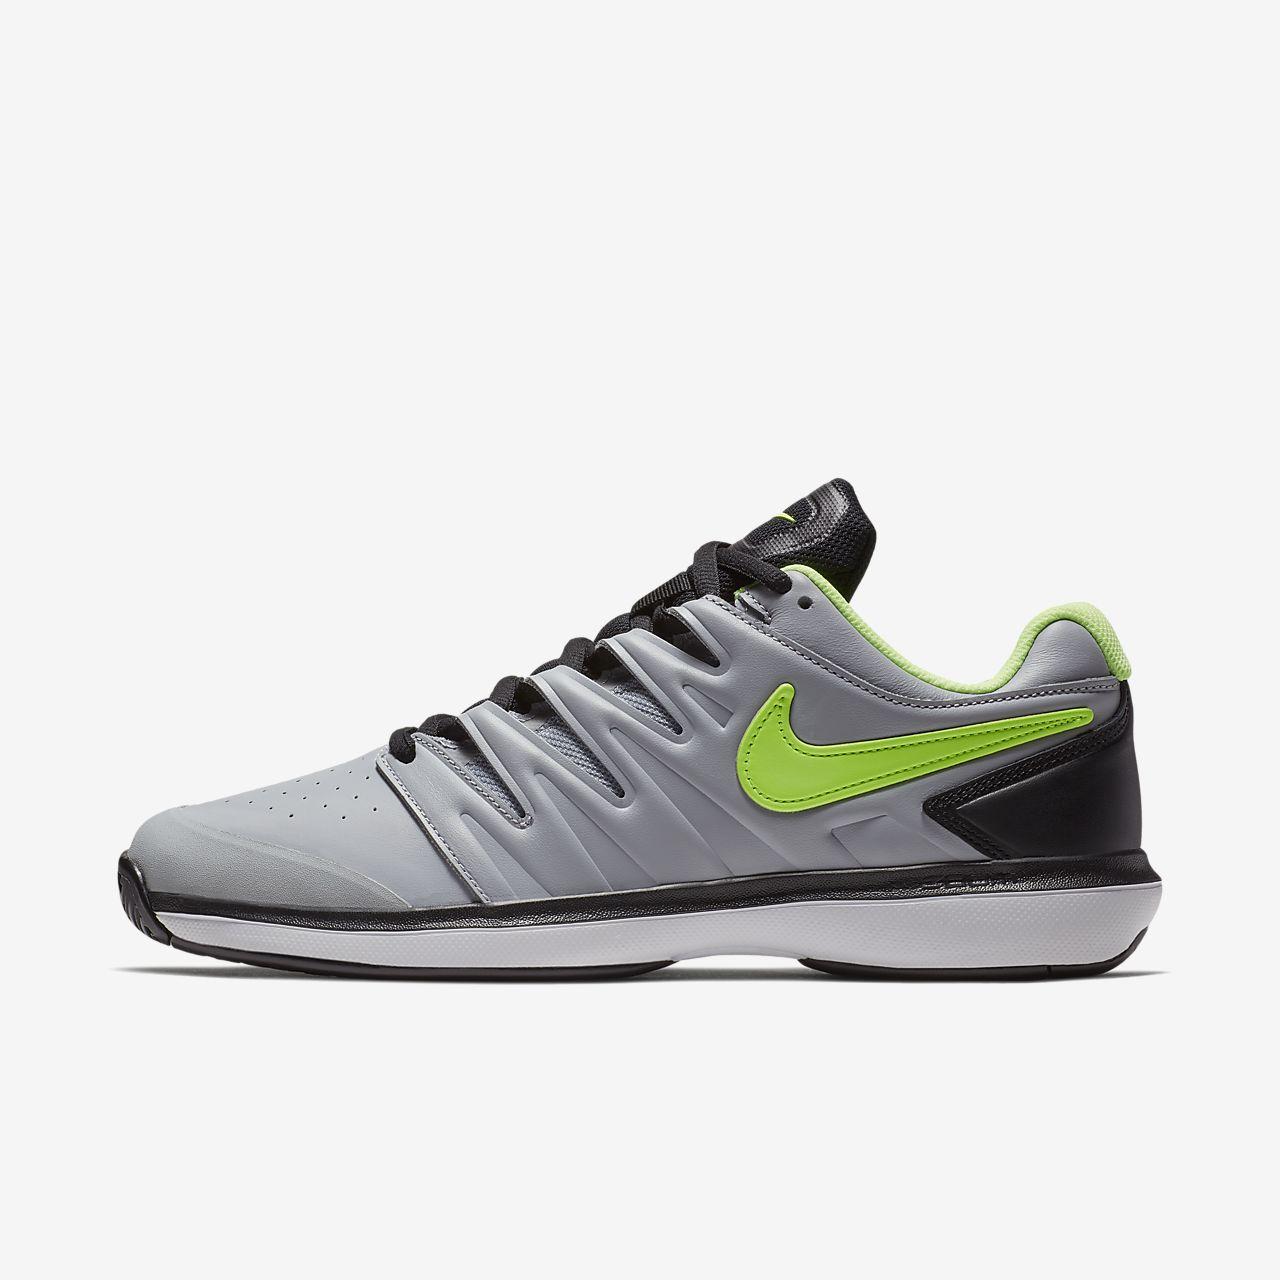 Pi soldi Nike Air Bianco Black Uomo Scarpe da ginnastica Tutte Le Taglie